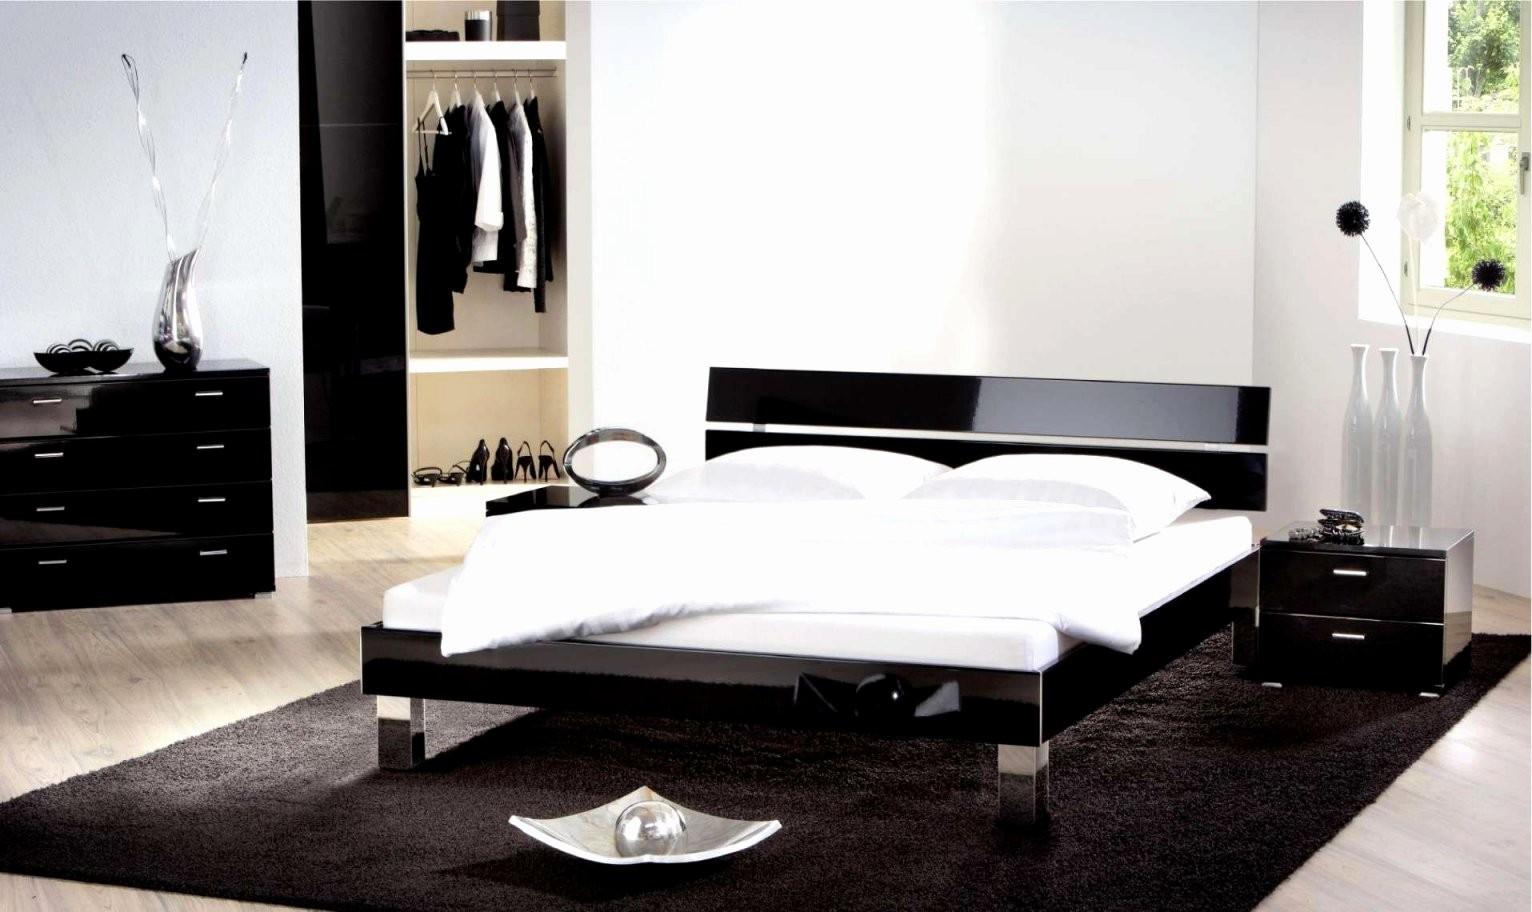 Grosartig Wandtattoo Schlafzimmer Das Beste Von Wandtattoo von Wandtattoo Schlafzimmer Selber Malen Photo